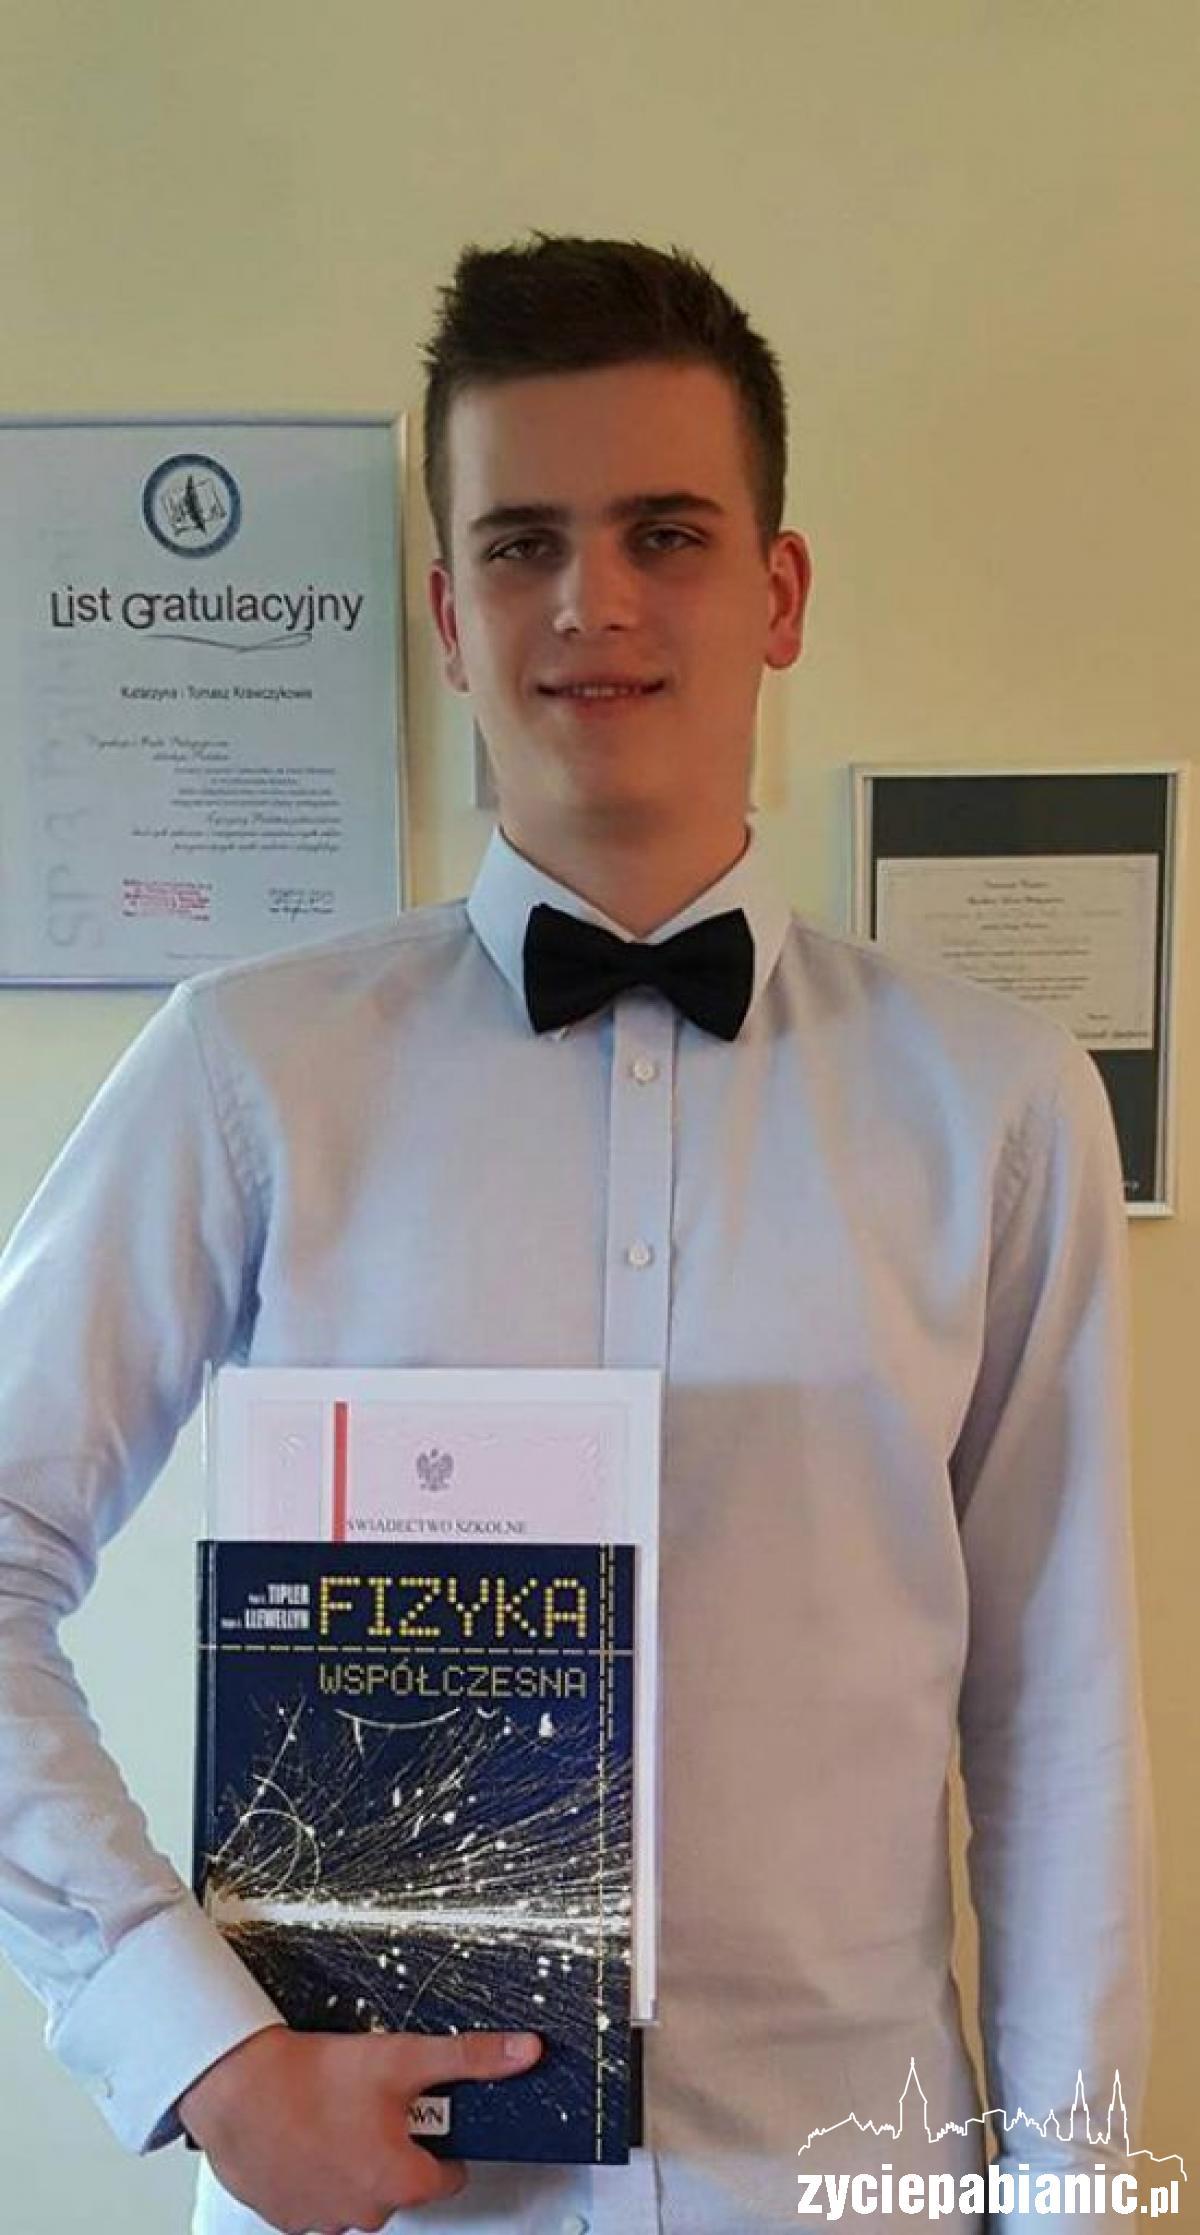 Artur Krawczyk został doceniony w programie stypendialnym marszałka województwa łódzkiego